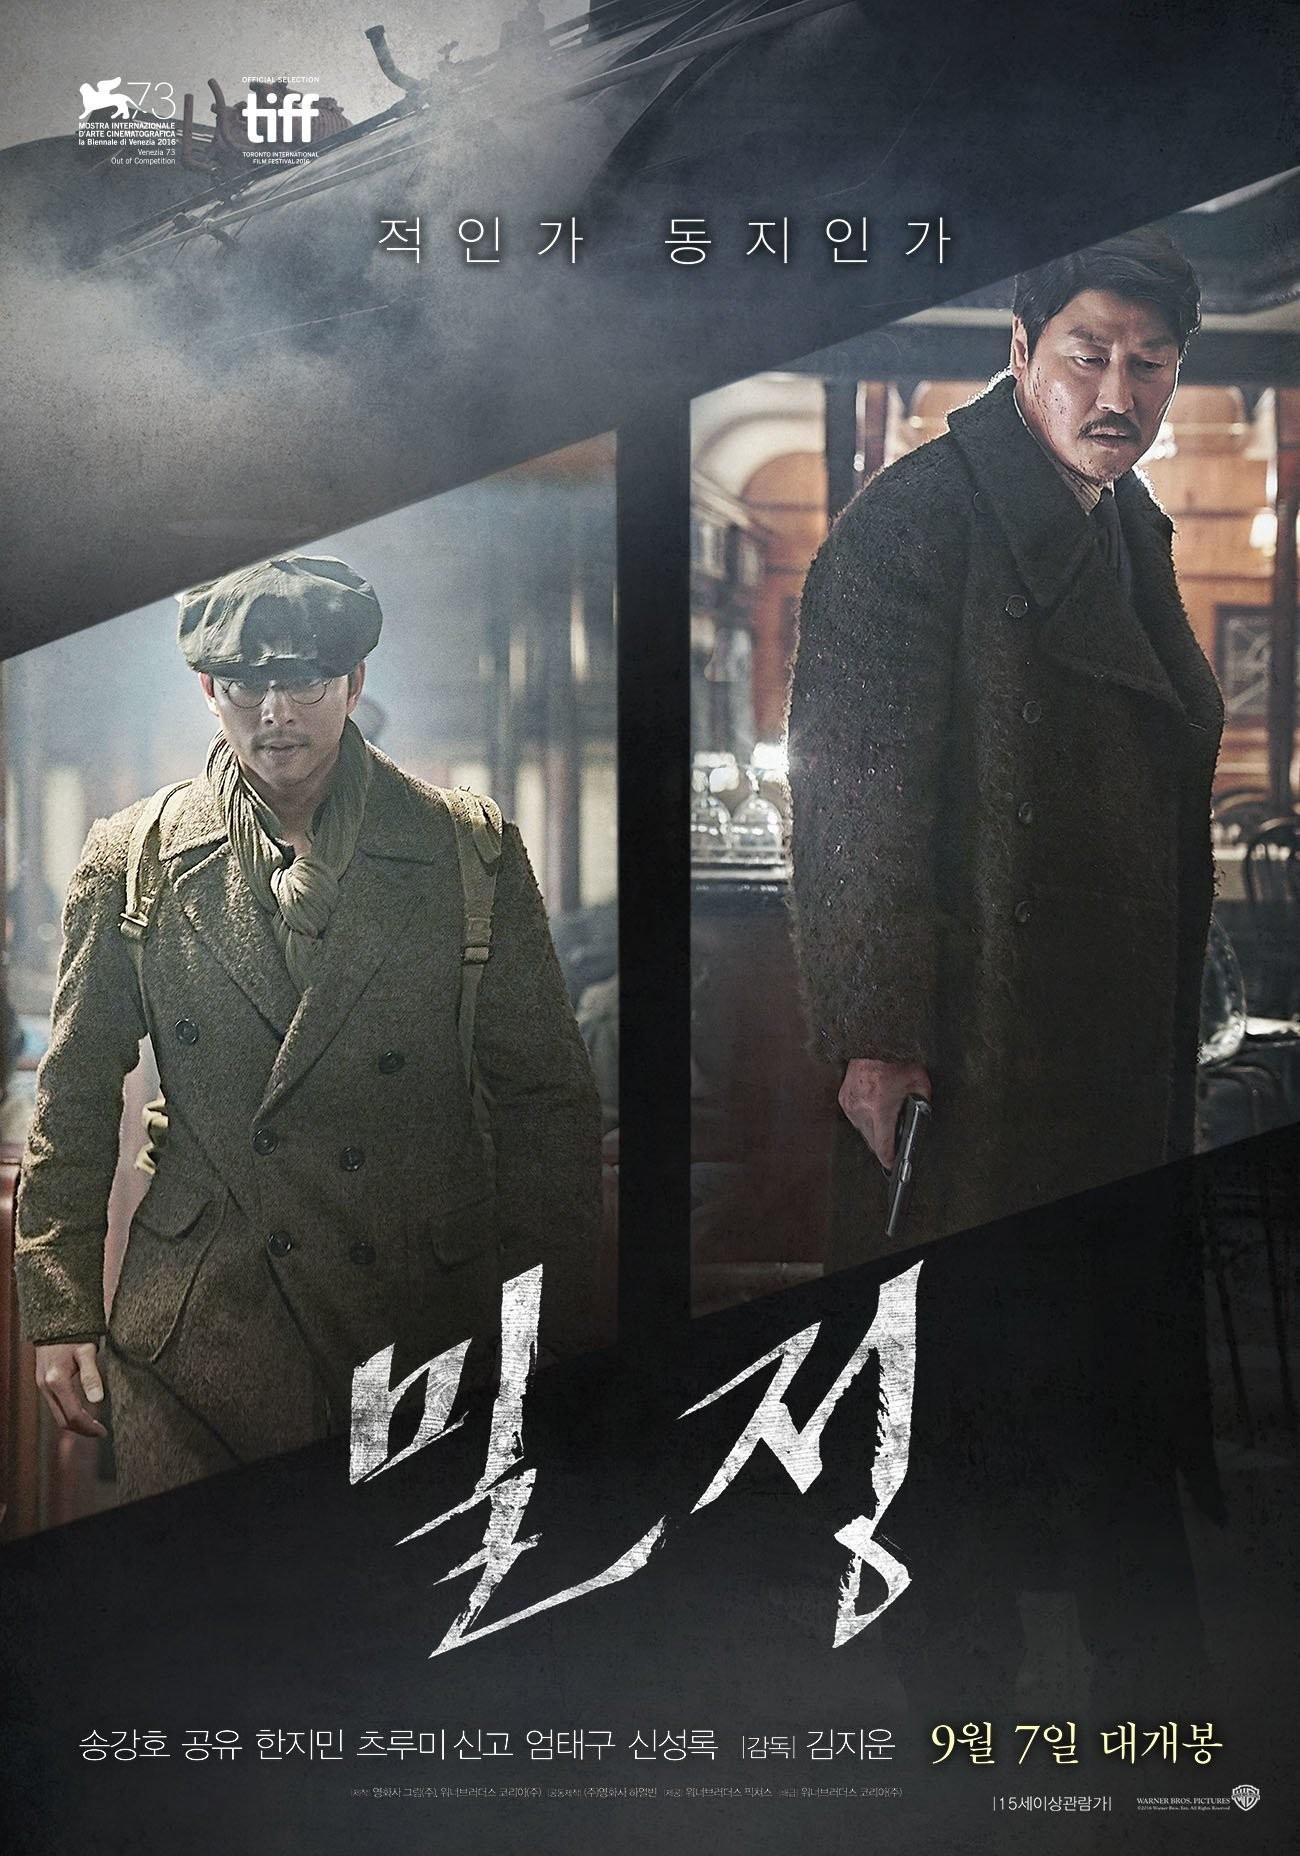 영화 '밀정'에 깜짝 출연한 거물급 배우는?… 김지운 감독과 의리